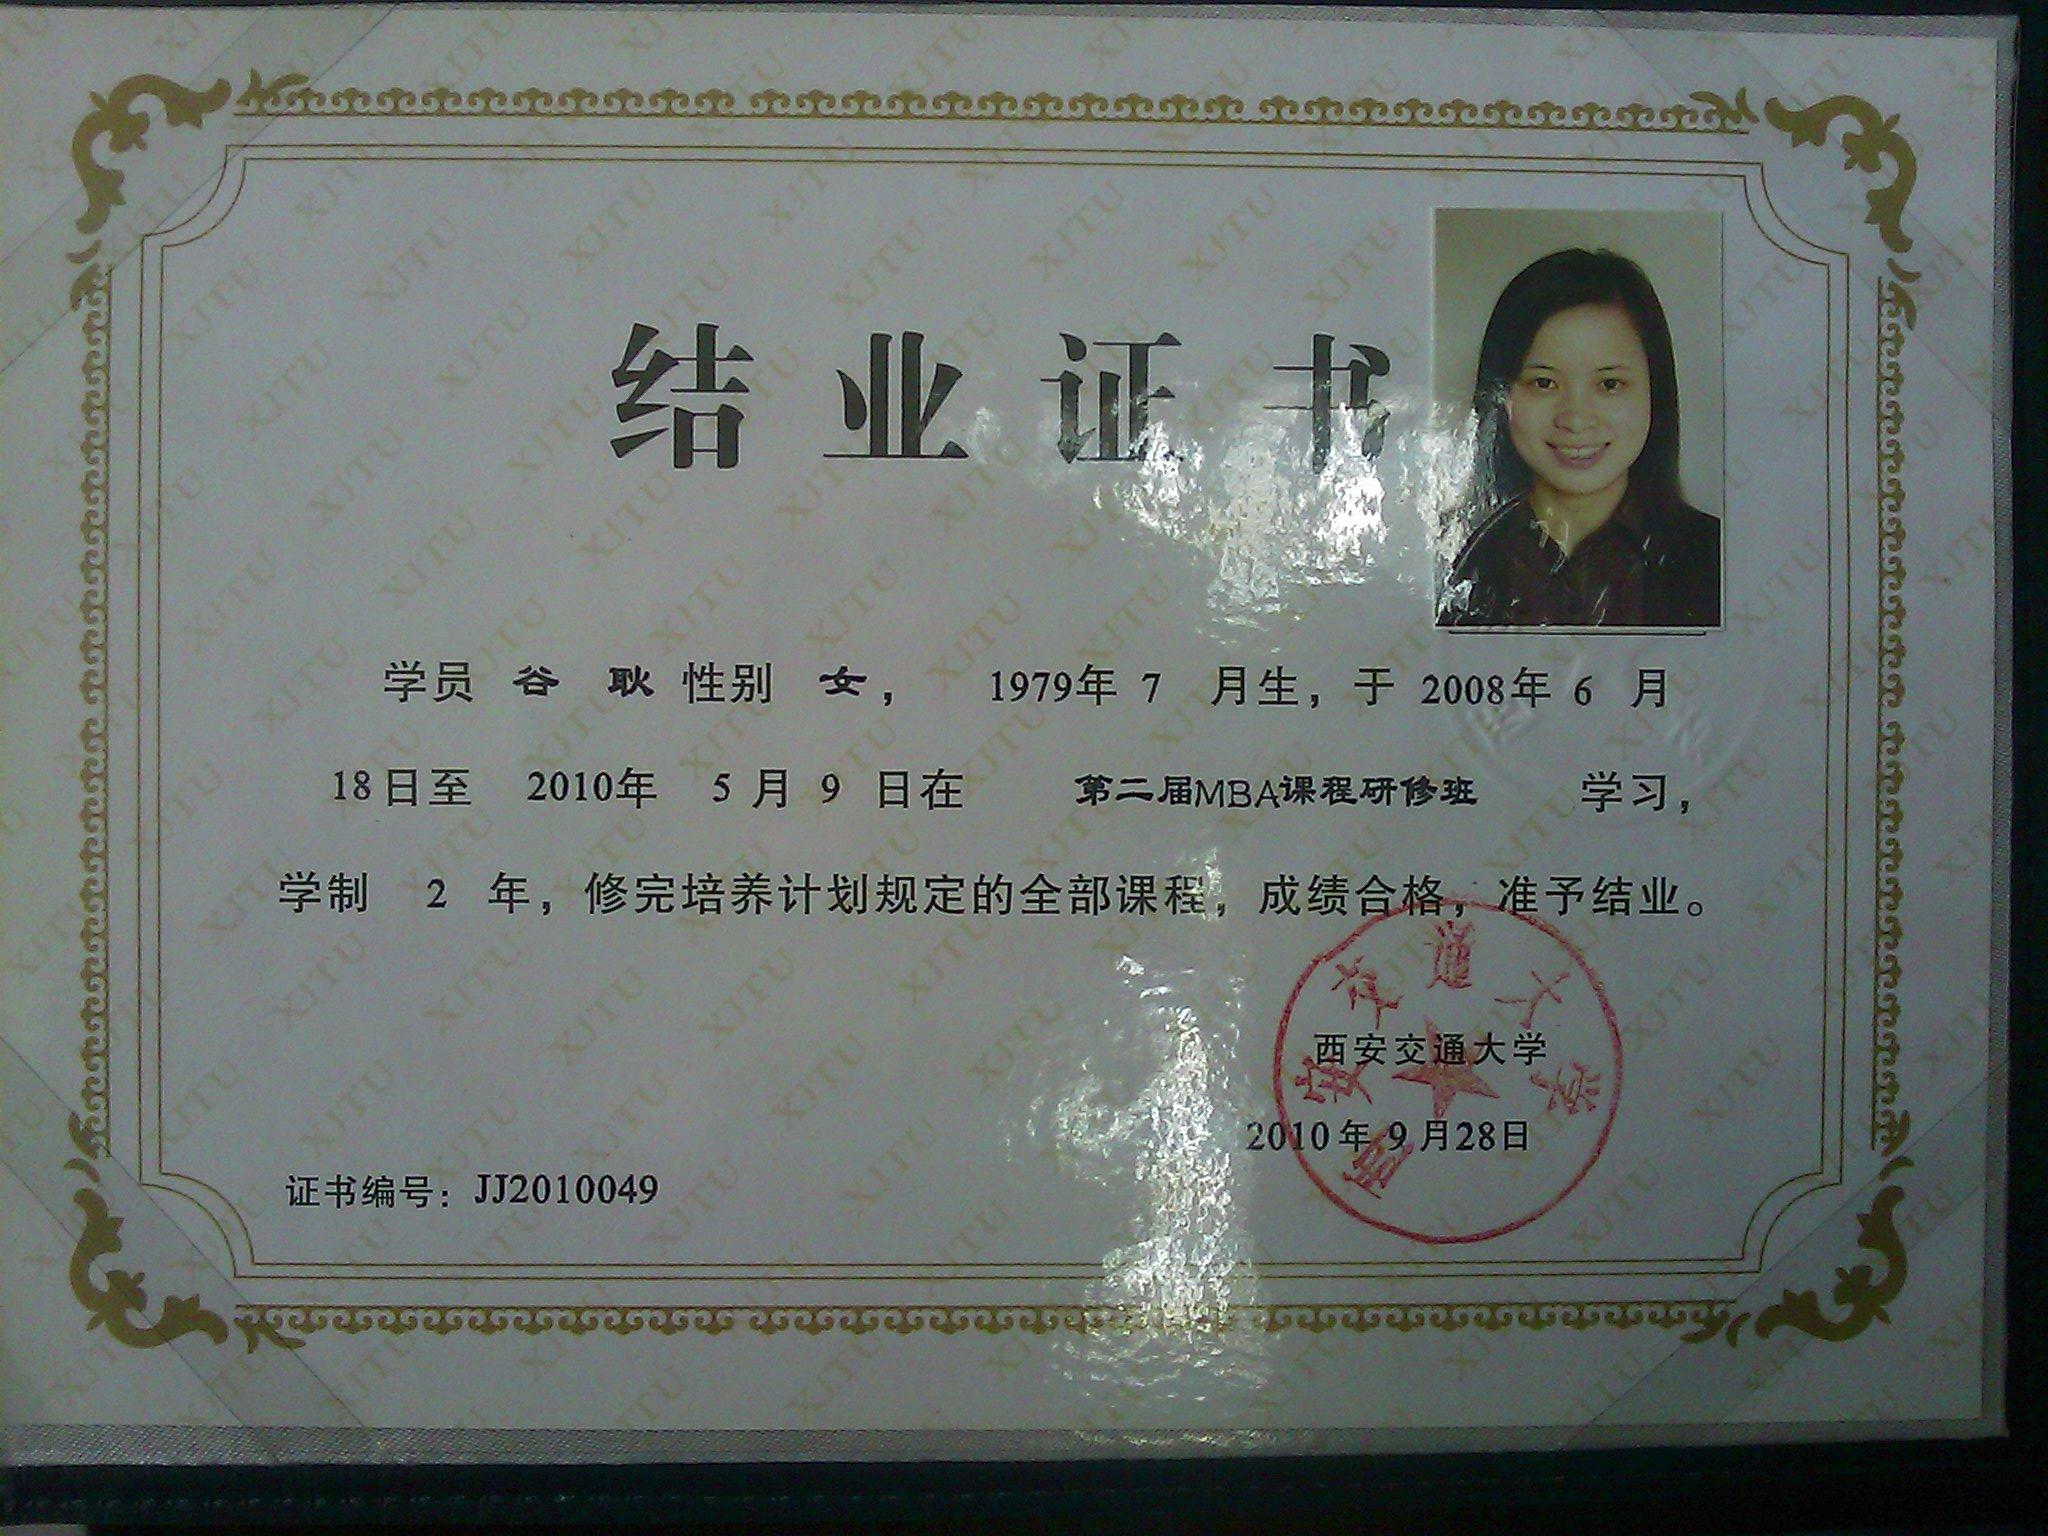 金融硕士学位证书